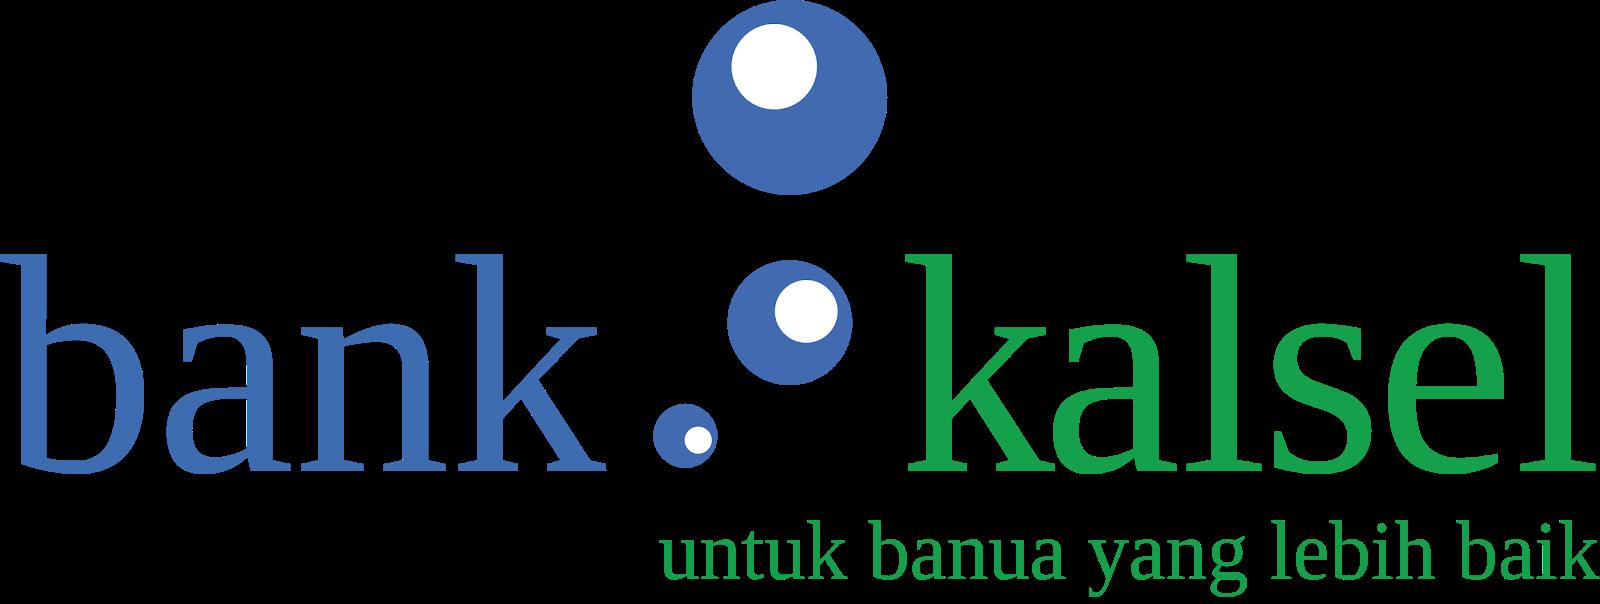 237 design logo design